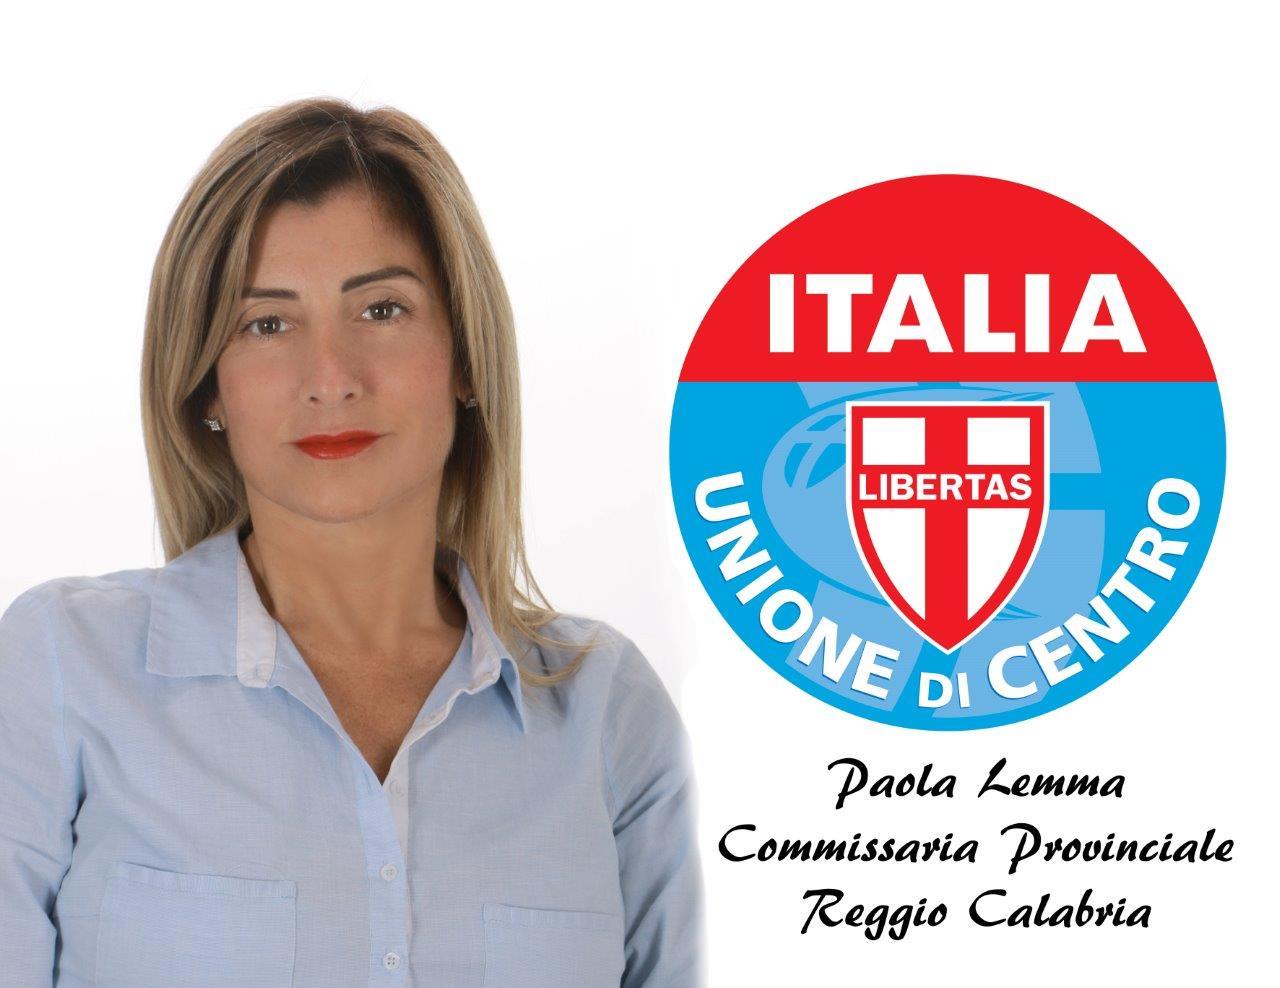 «Riflettori su Venezia, mentre la Locride muore abbandonata»